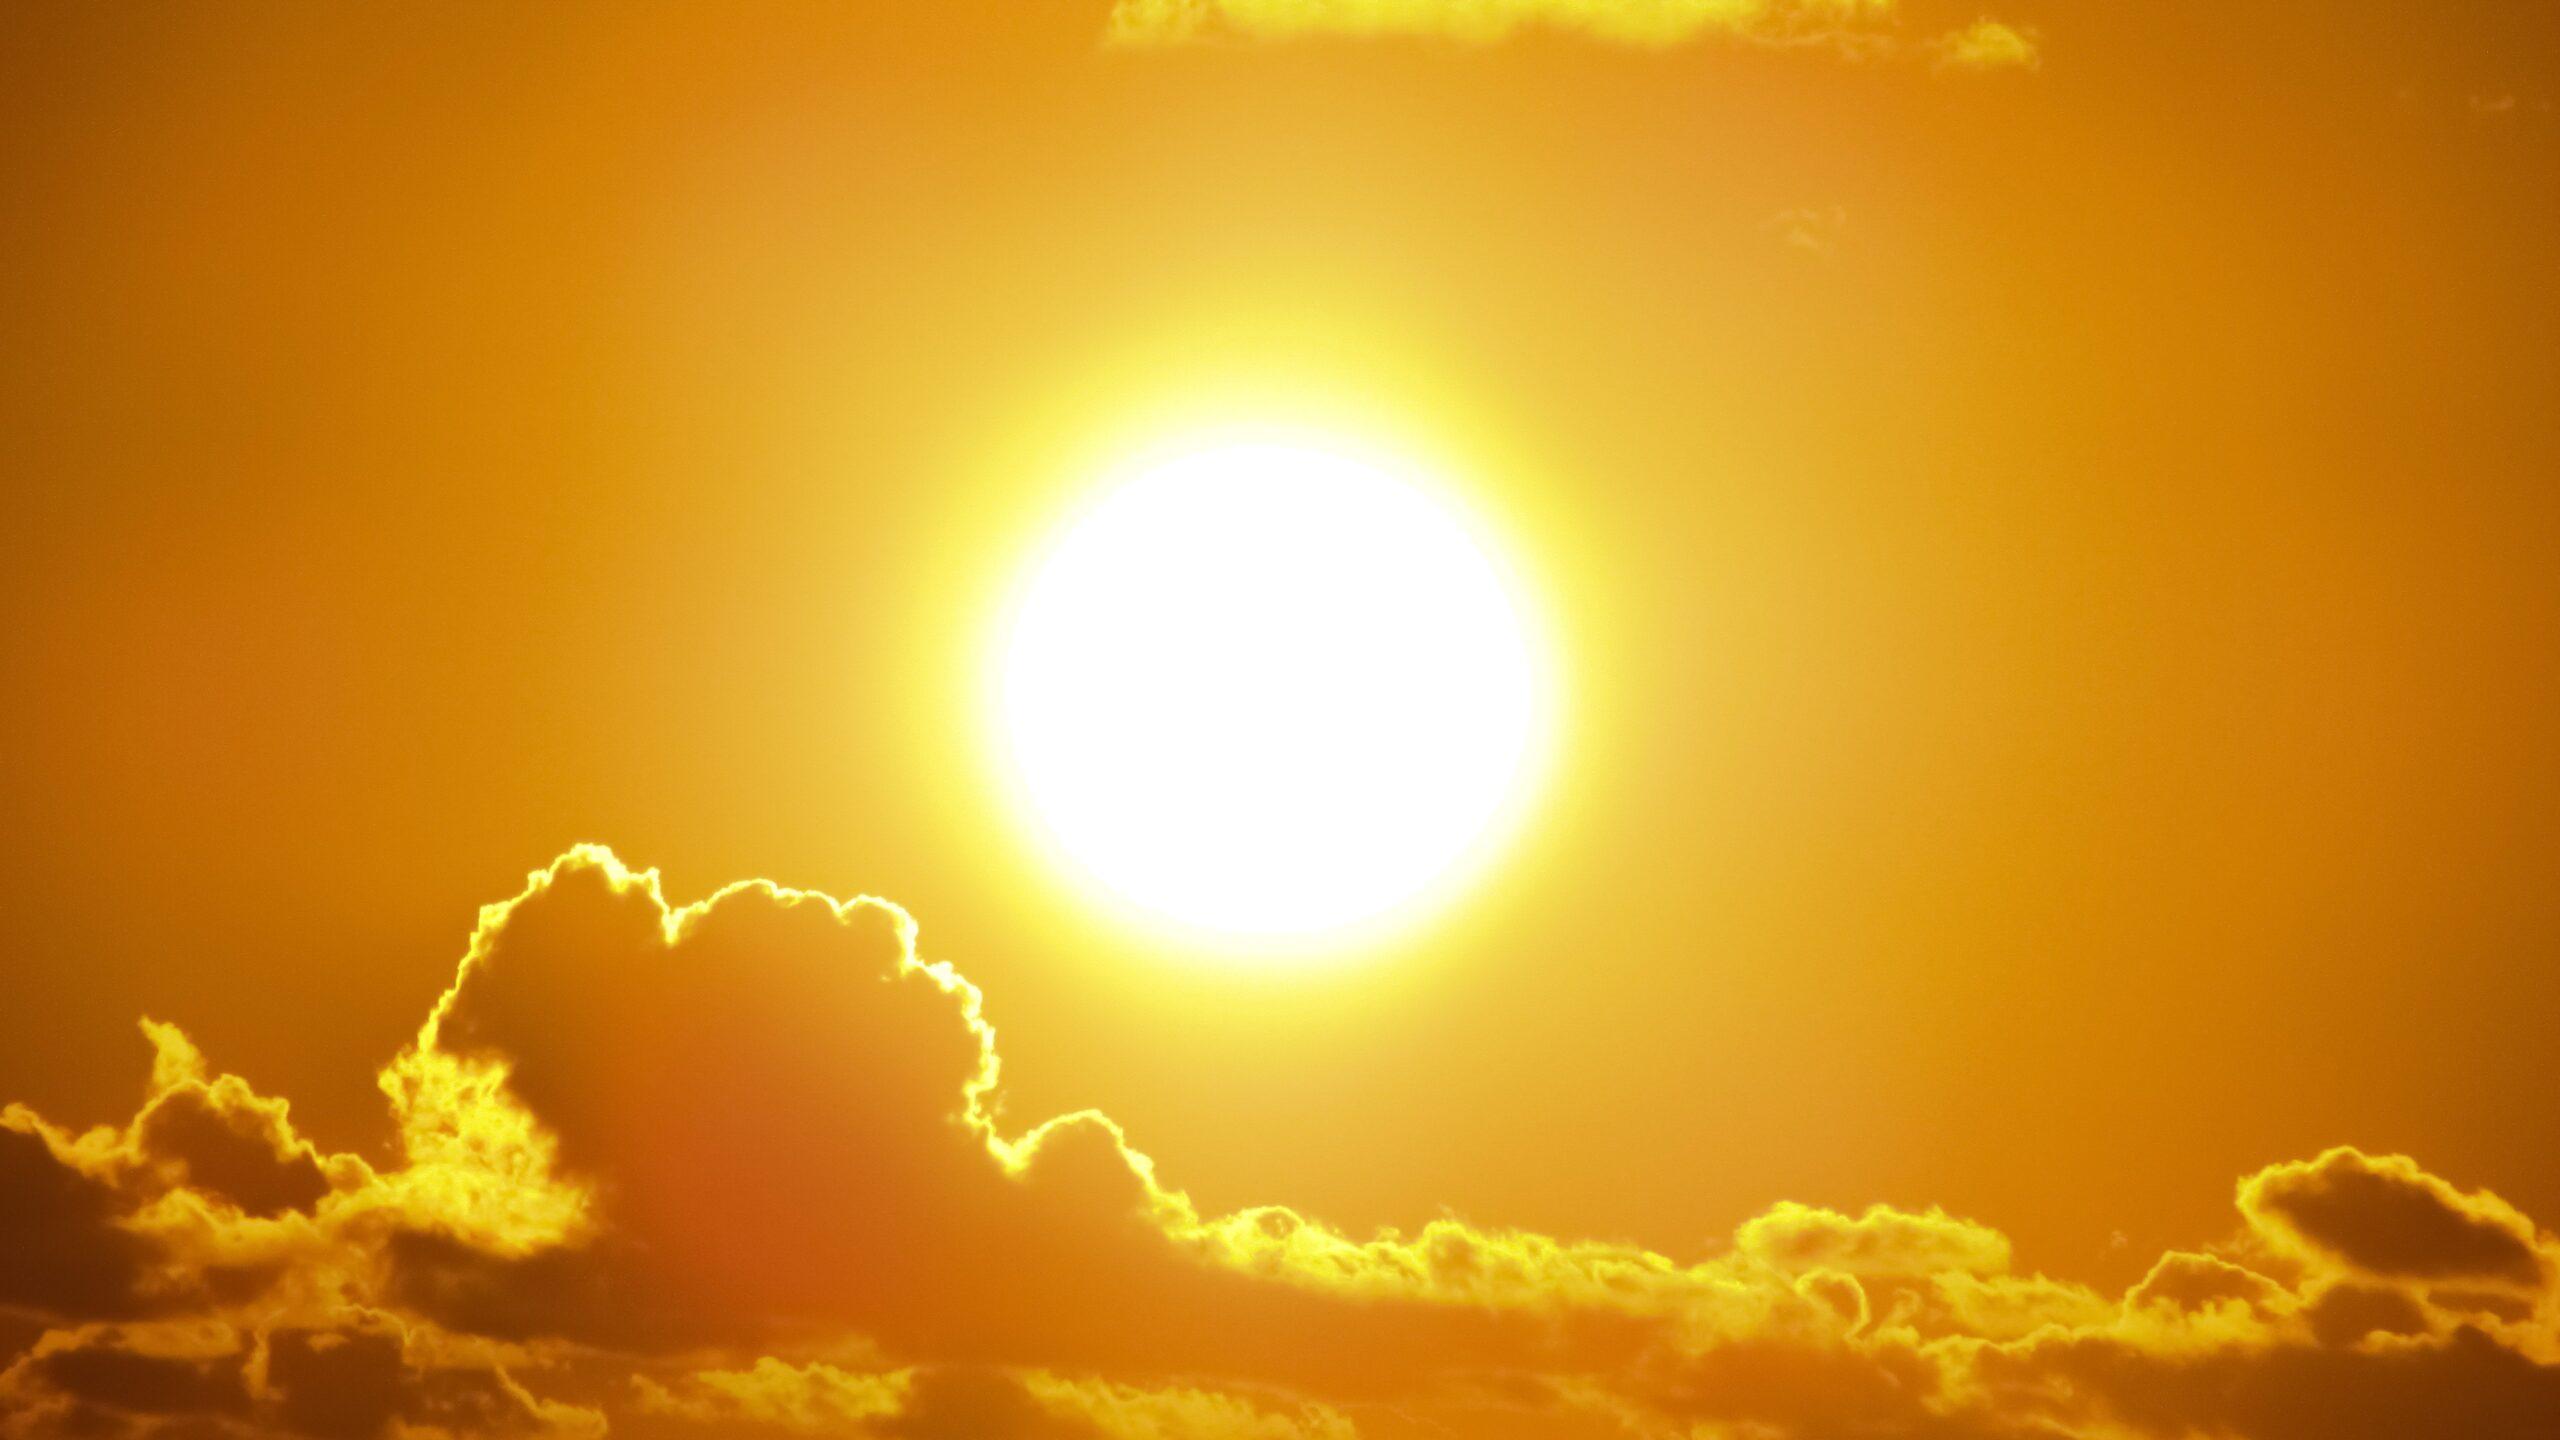 ครีมกันแดด (sunscreen) แสงแดด